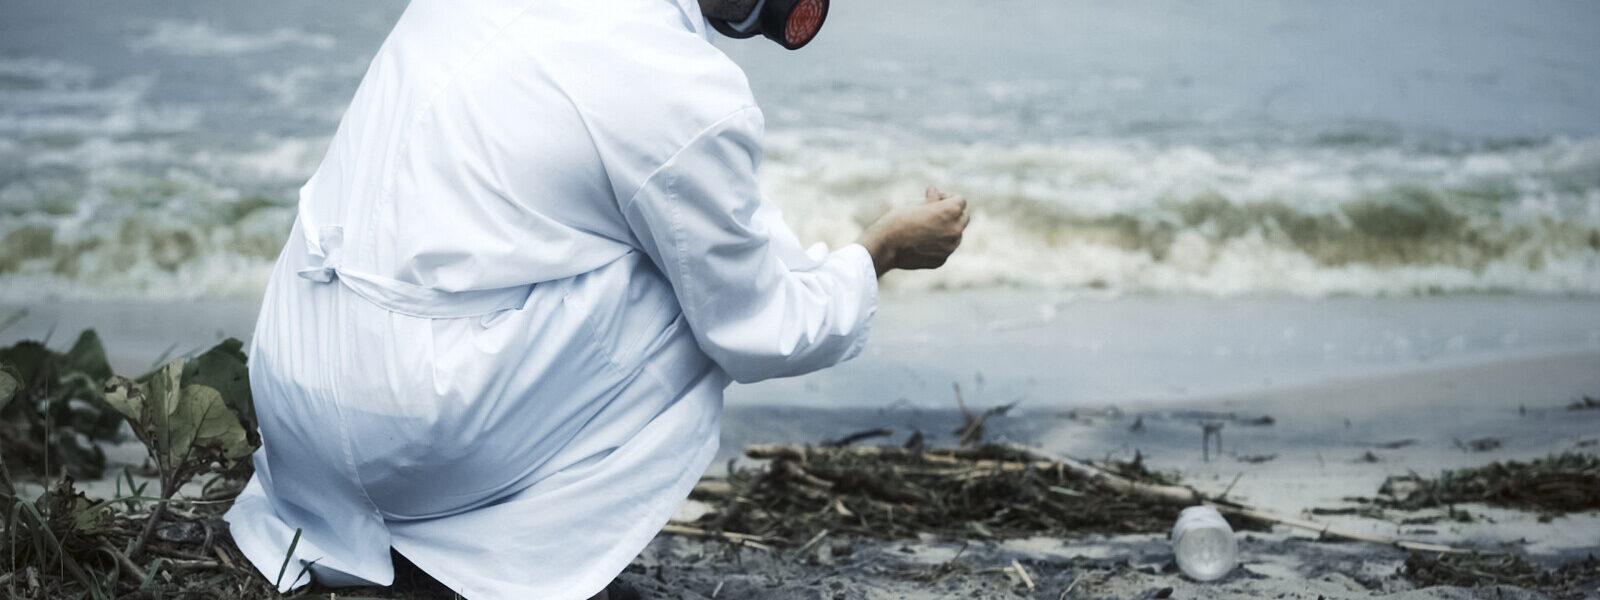 wyciek-ropy-400-razy-wiekszy?-razace-bledy-w-przekazywaniu-informacji